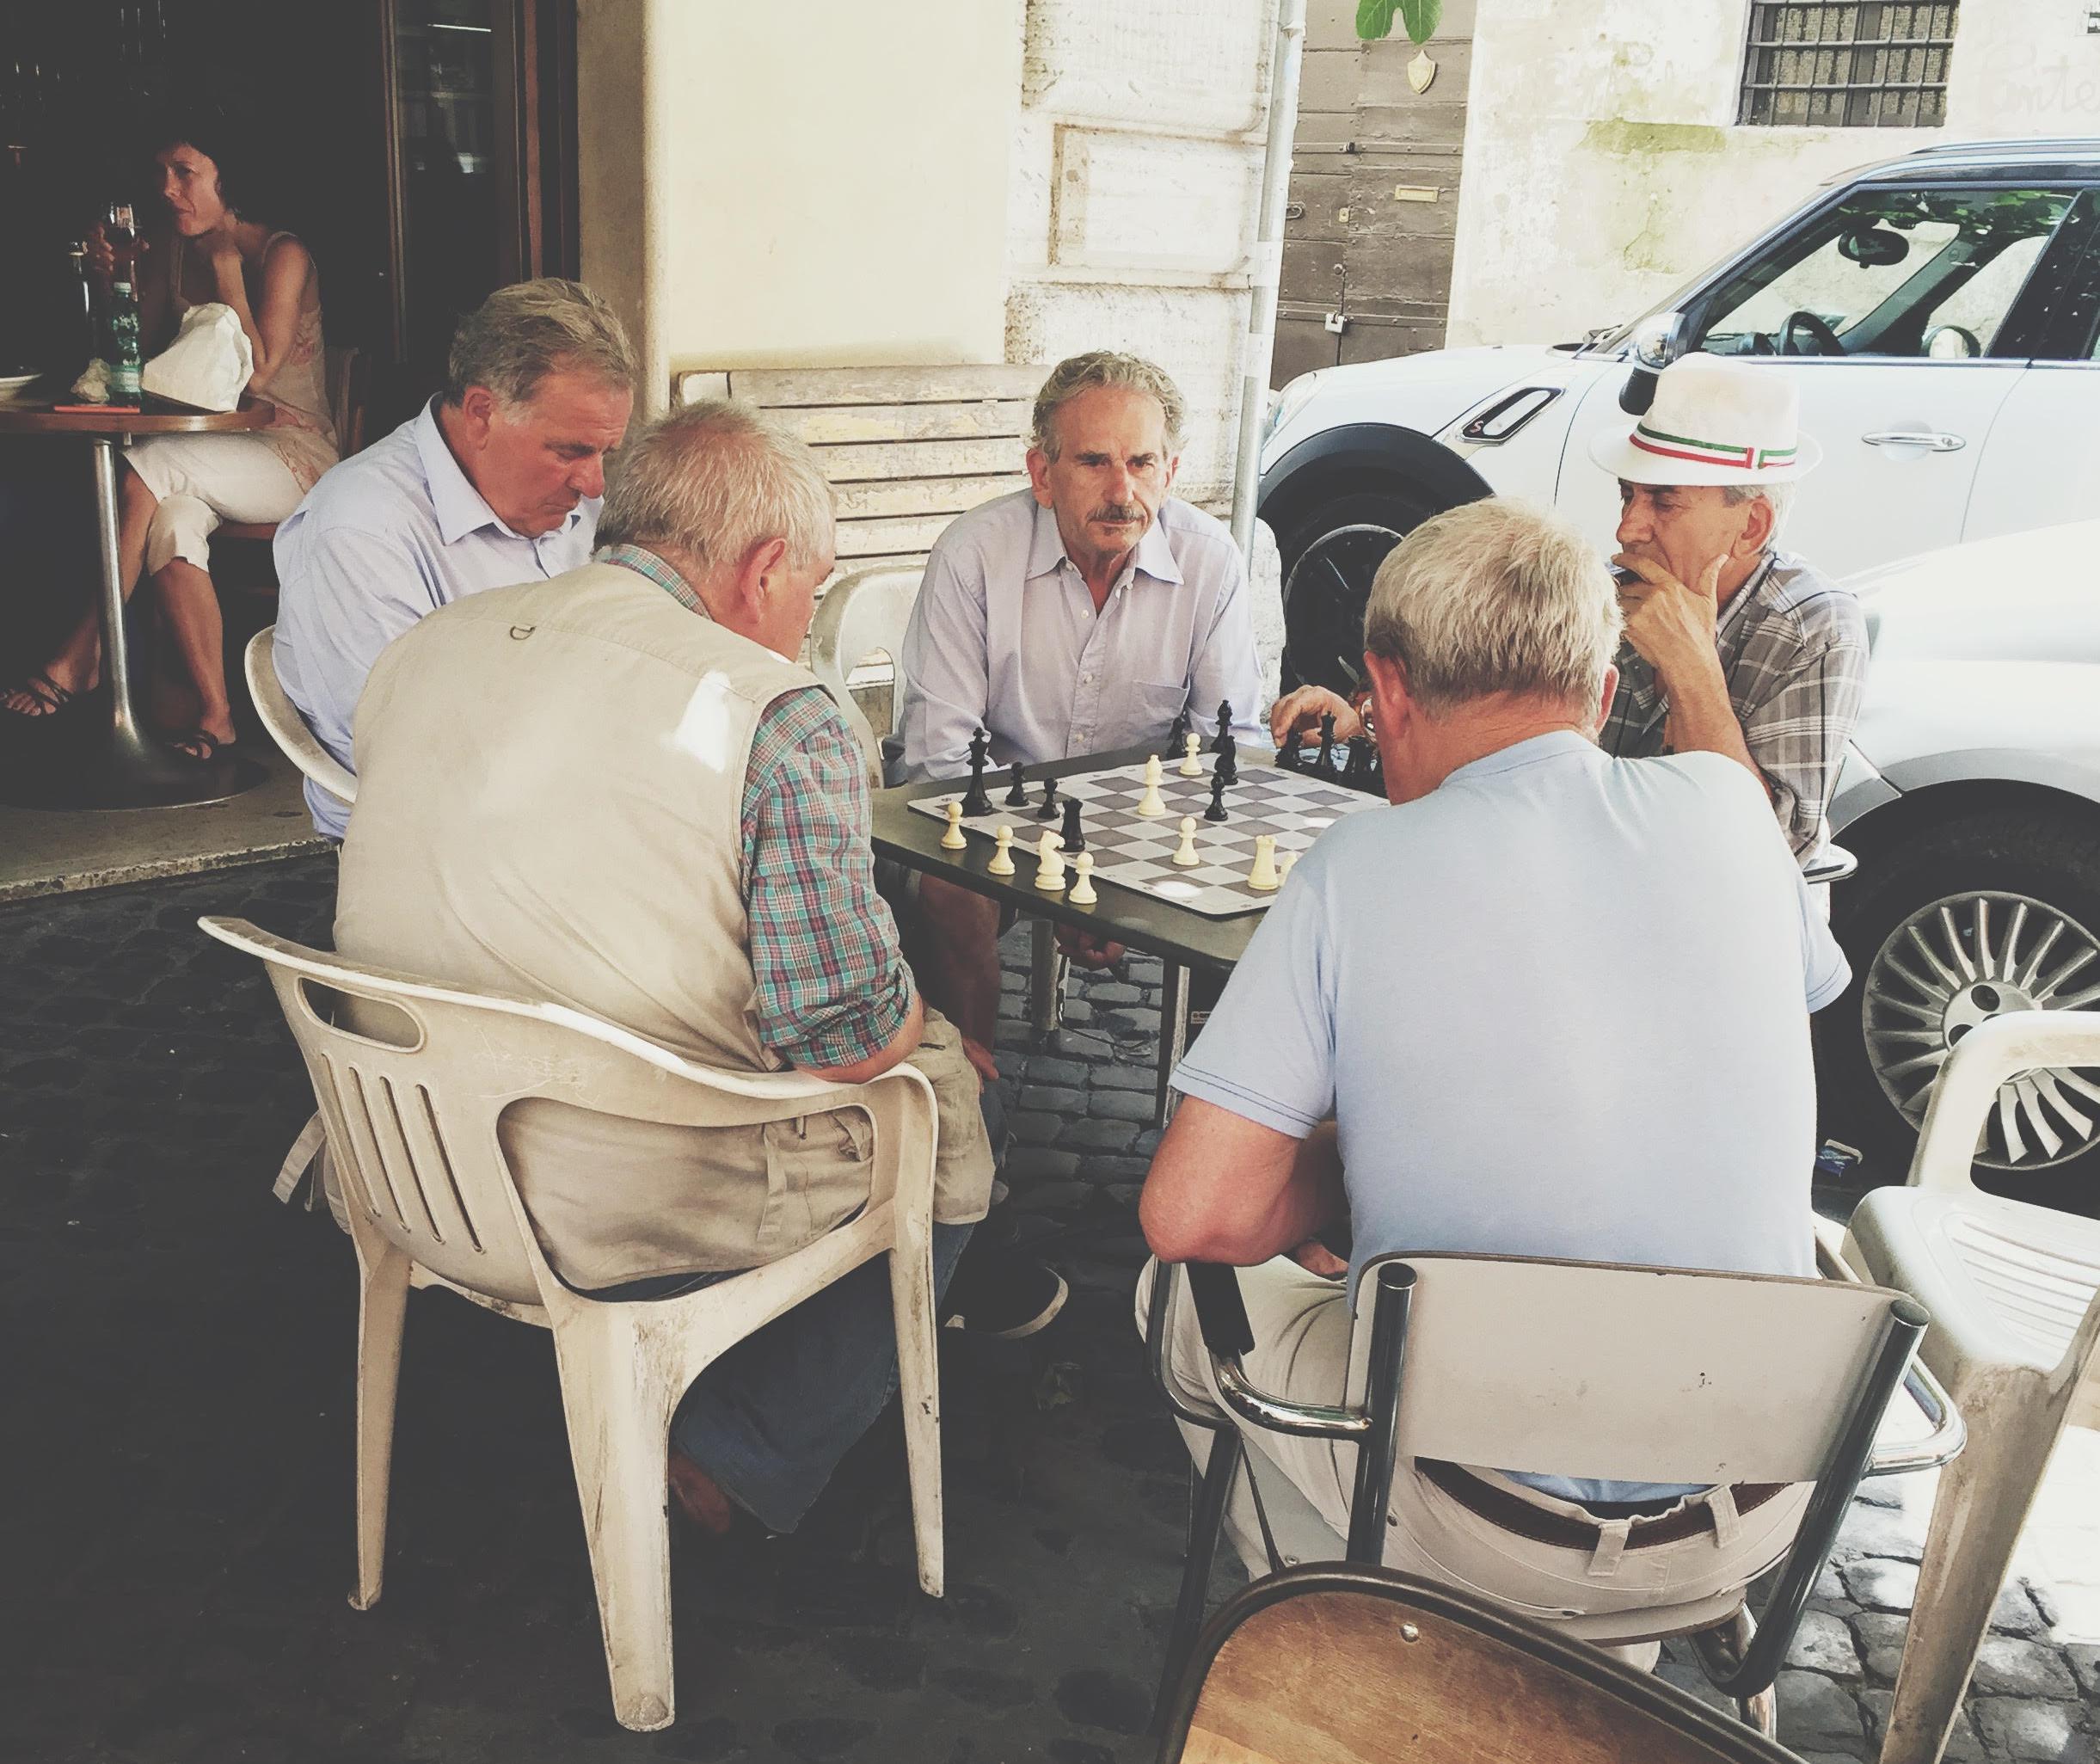 Chess at Piazza Navona